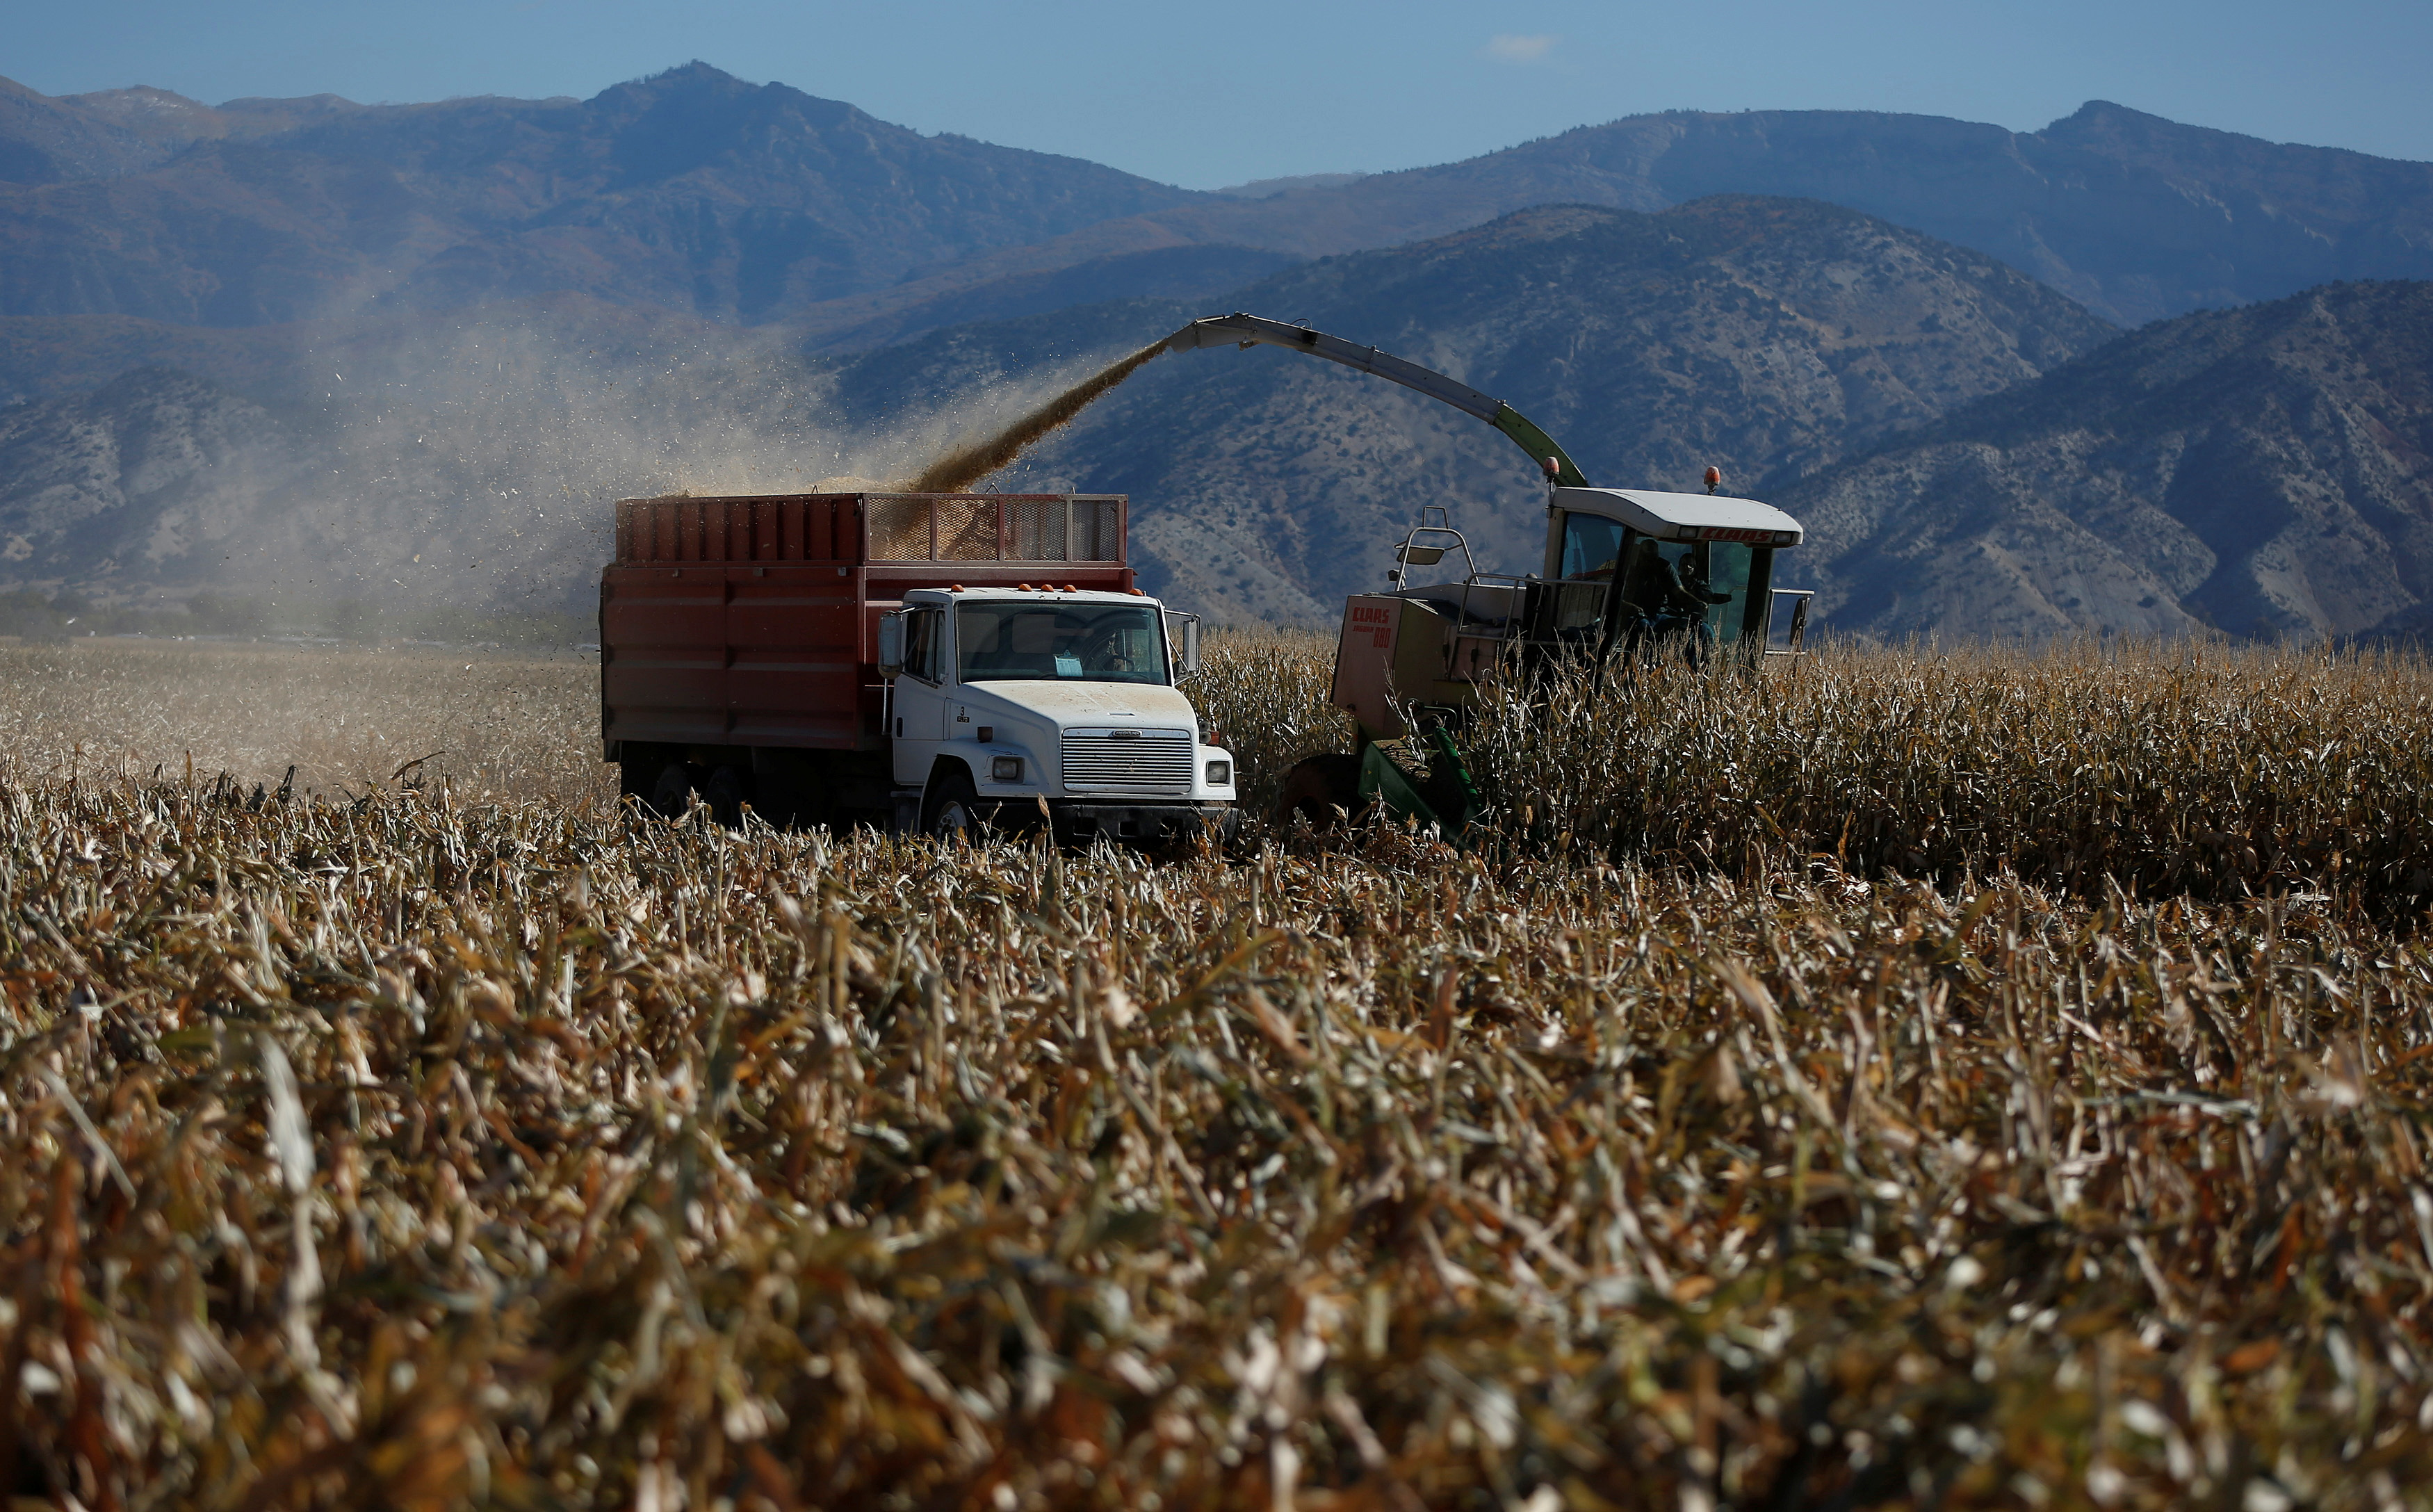 Corn is harvested at the Kenison Farms in Levan, Utah, October 5, 2013. REUTERS/Jim Urquhart/File Photo